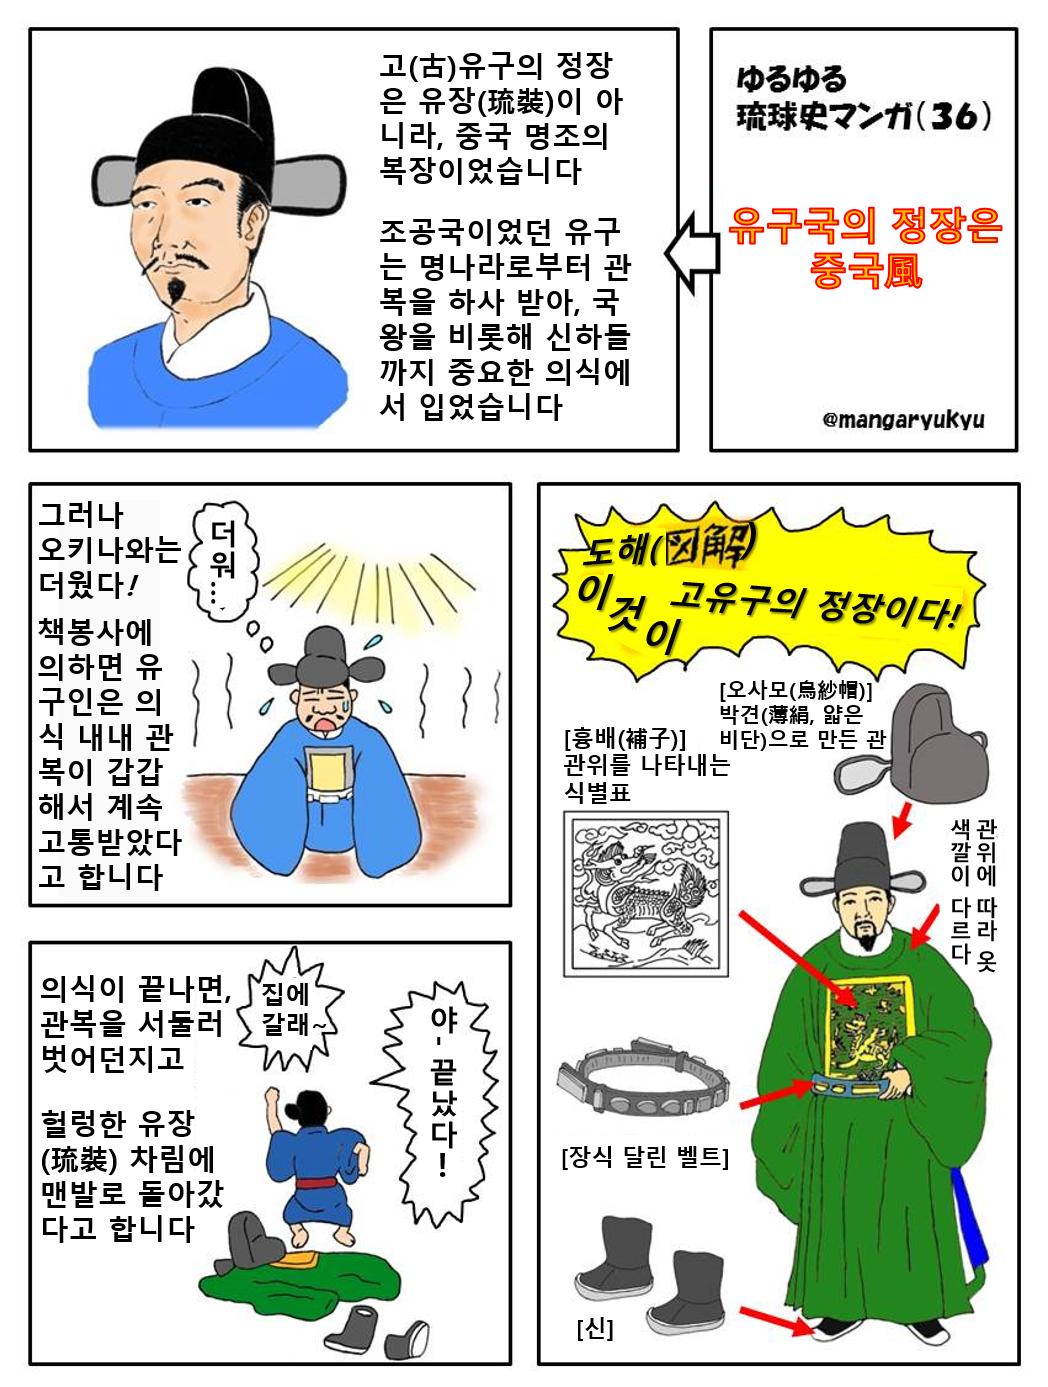 [느릿느릿 36] 유구의 흔한(?) 관복 착용법 - 이..